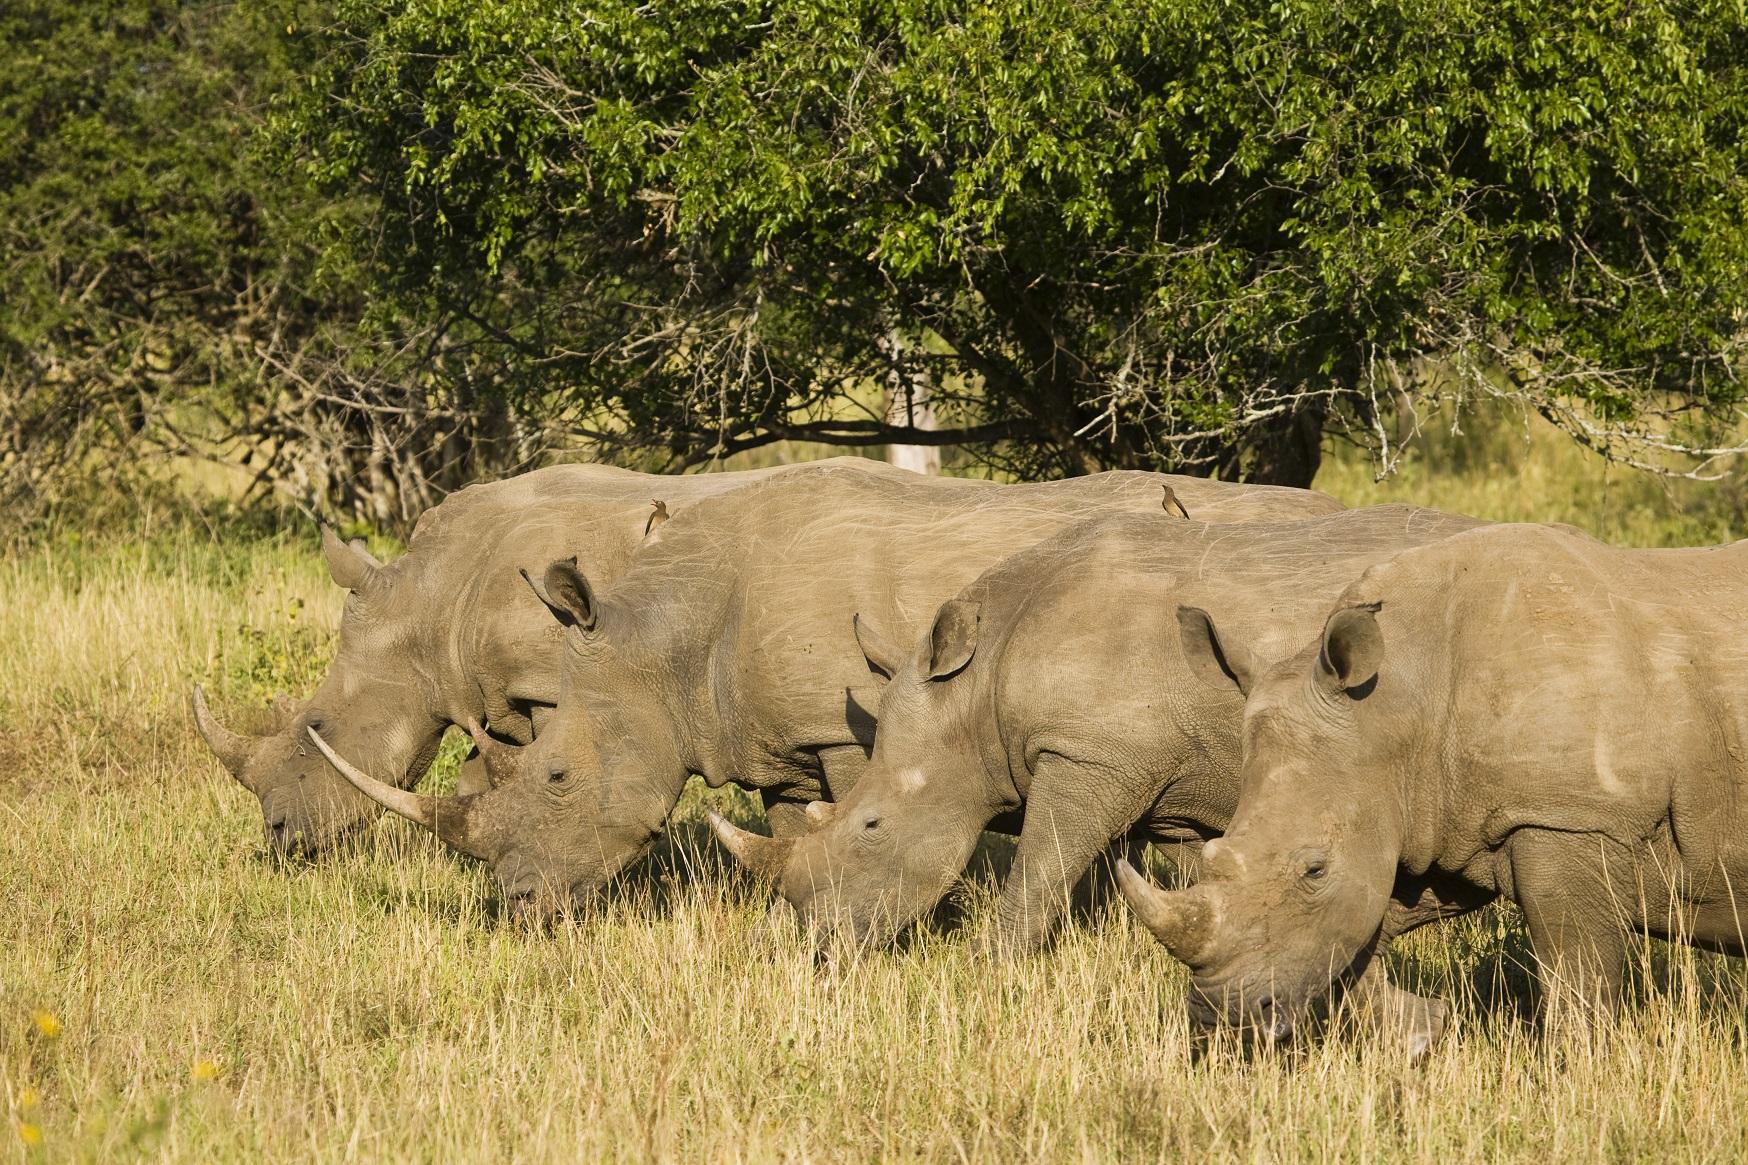 White Rhinoceros or Square-lipped Rhinoceros (Ceratotherium simum). Hluhluwe iMfolozi Park. KwaZulu NAtal. South Africa